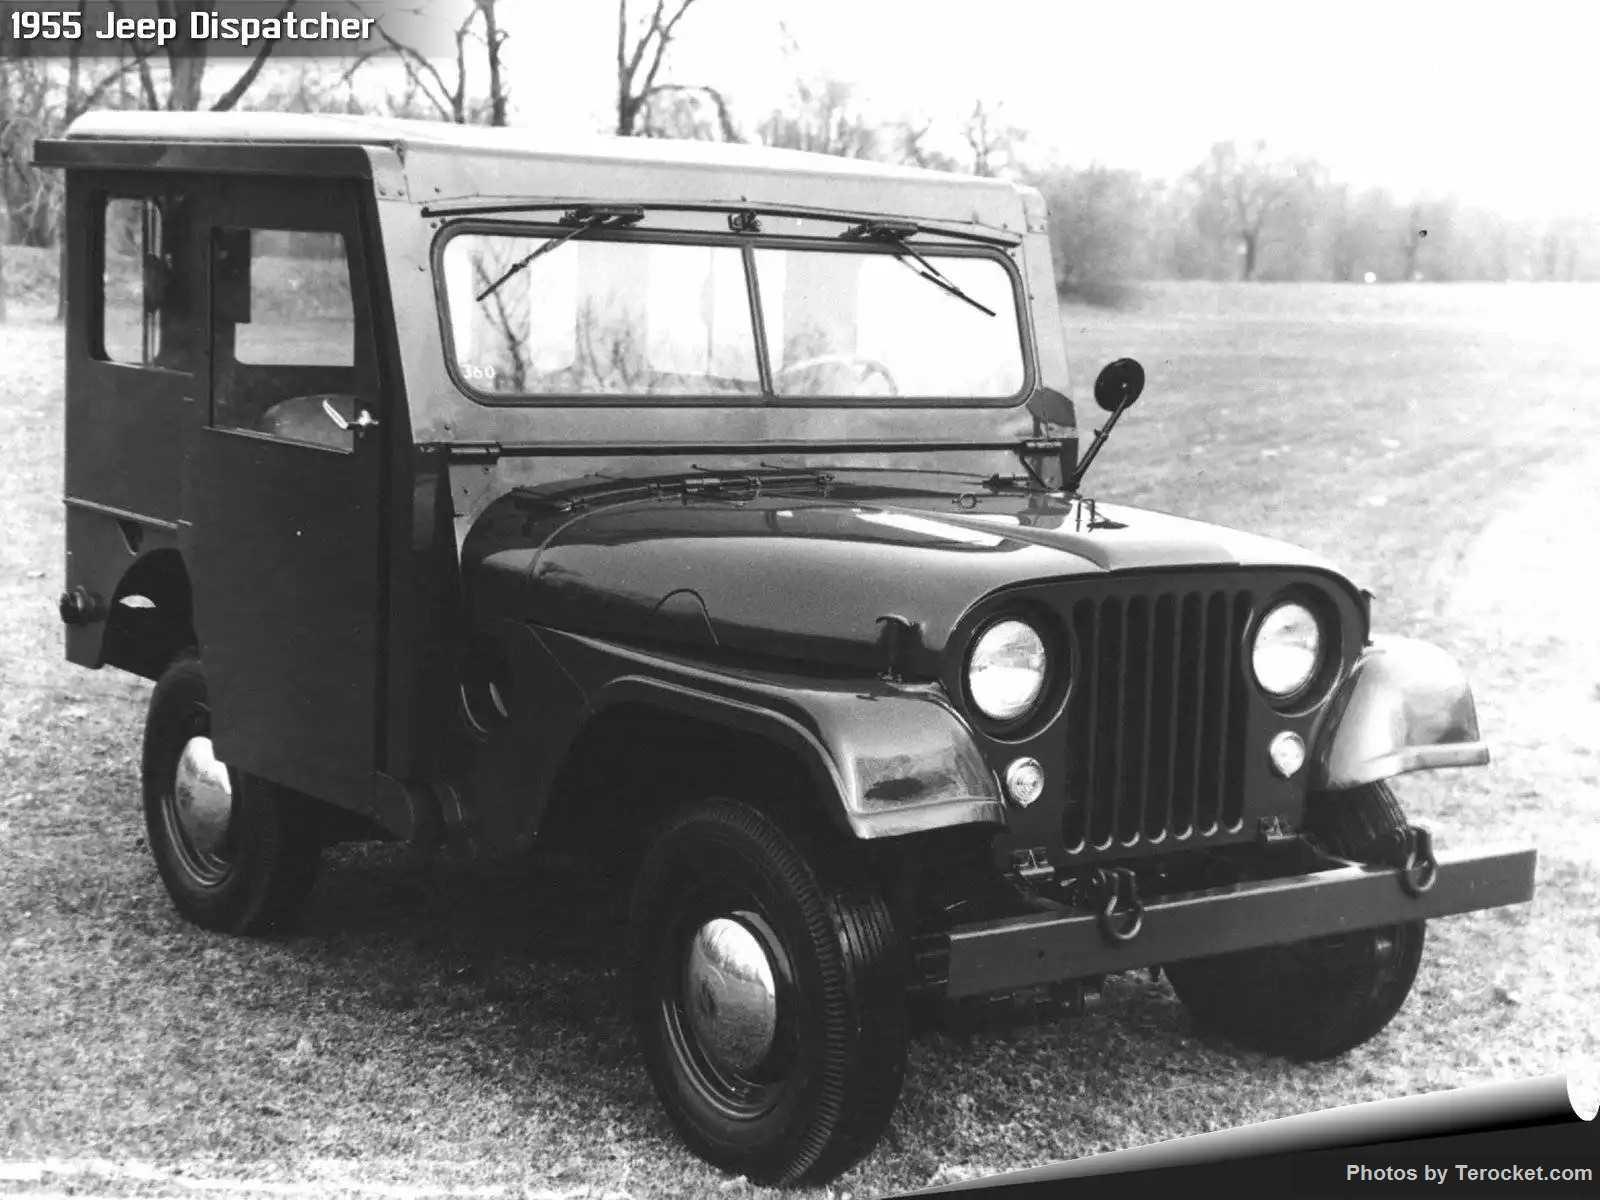 Hình ảnh xe ô tô Jeep Dispatcher 1955 & nội ngoại thất